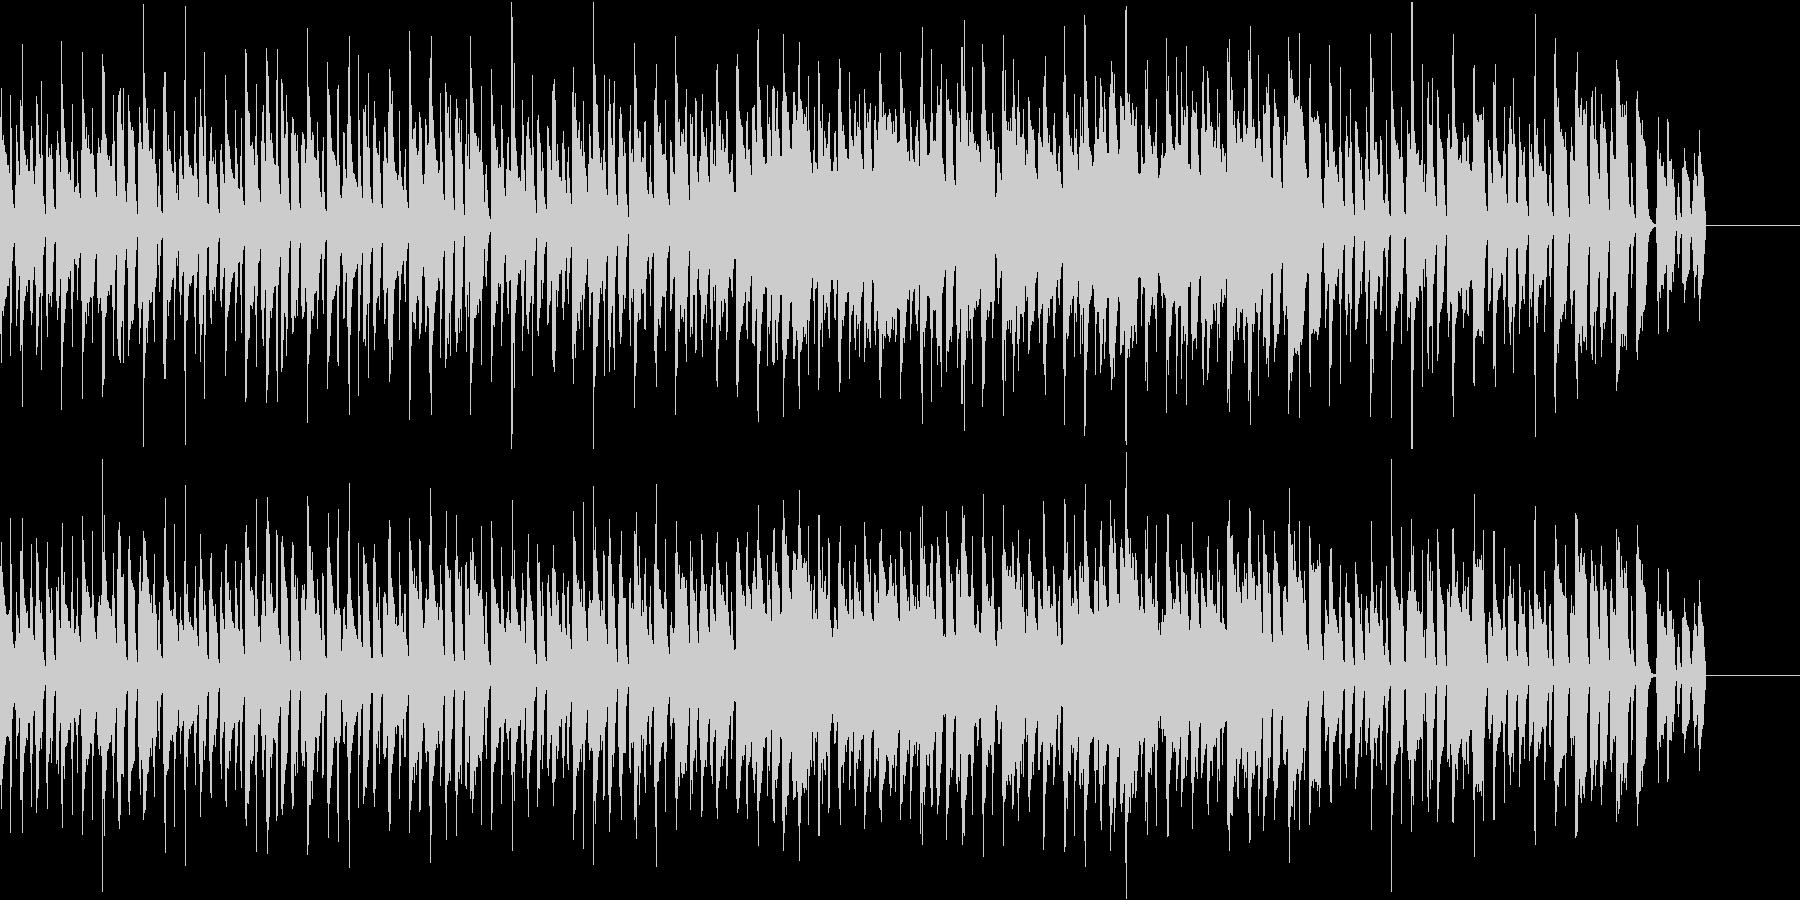 アコギ主体のポップで楽しい曲の未再生の波形